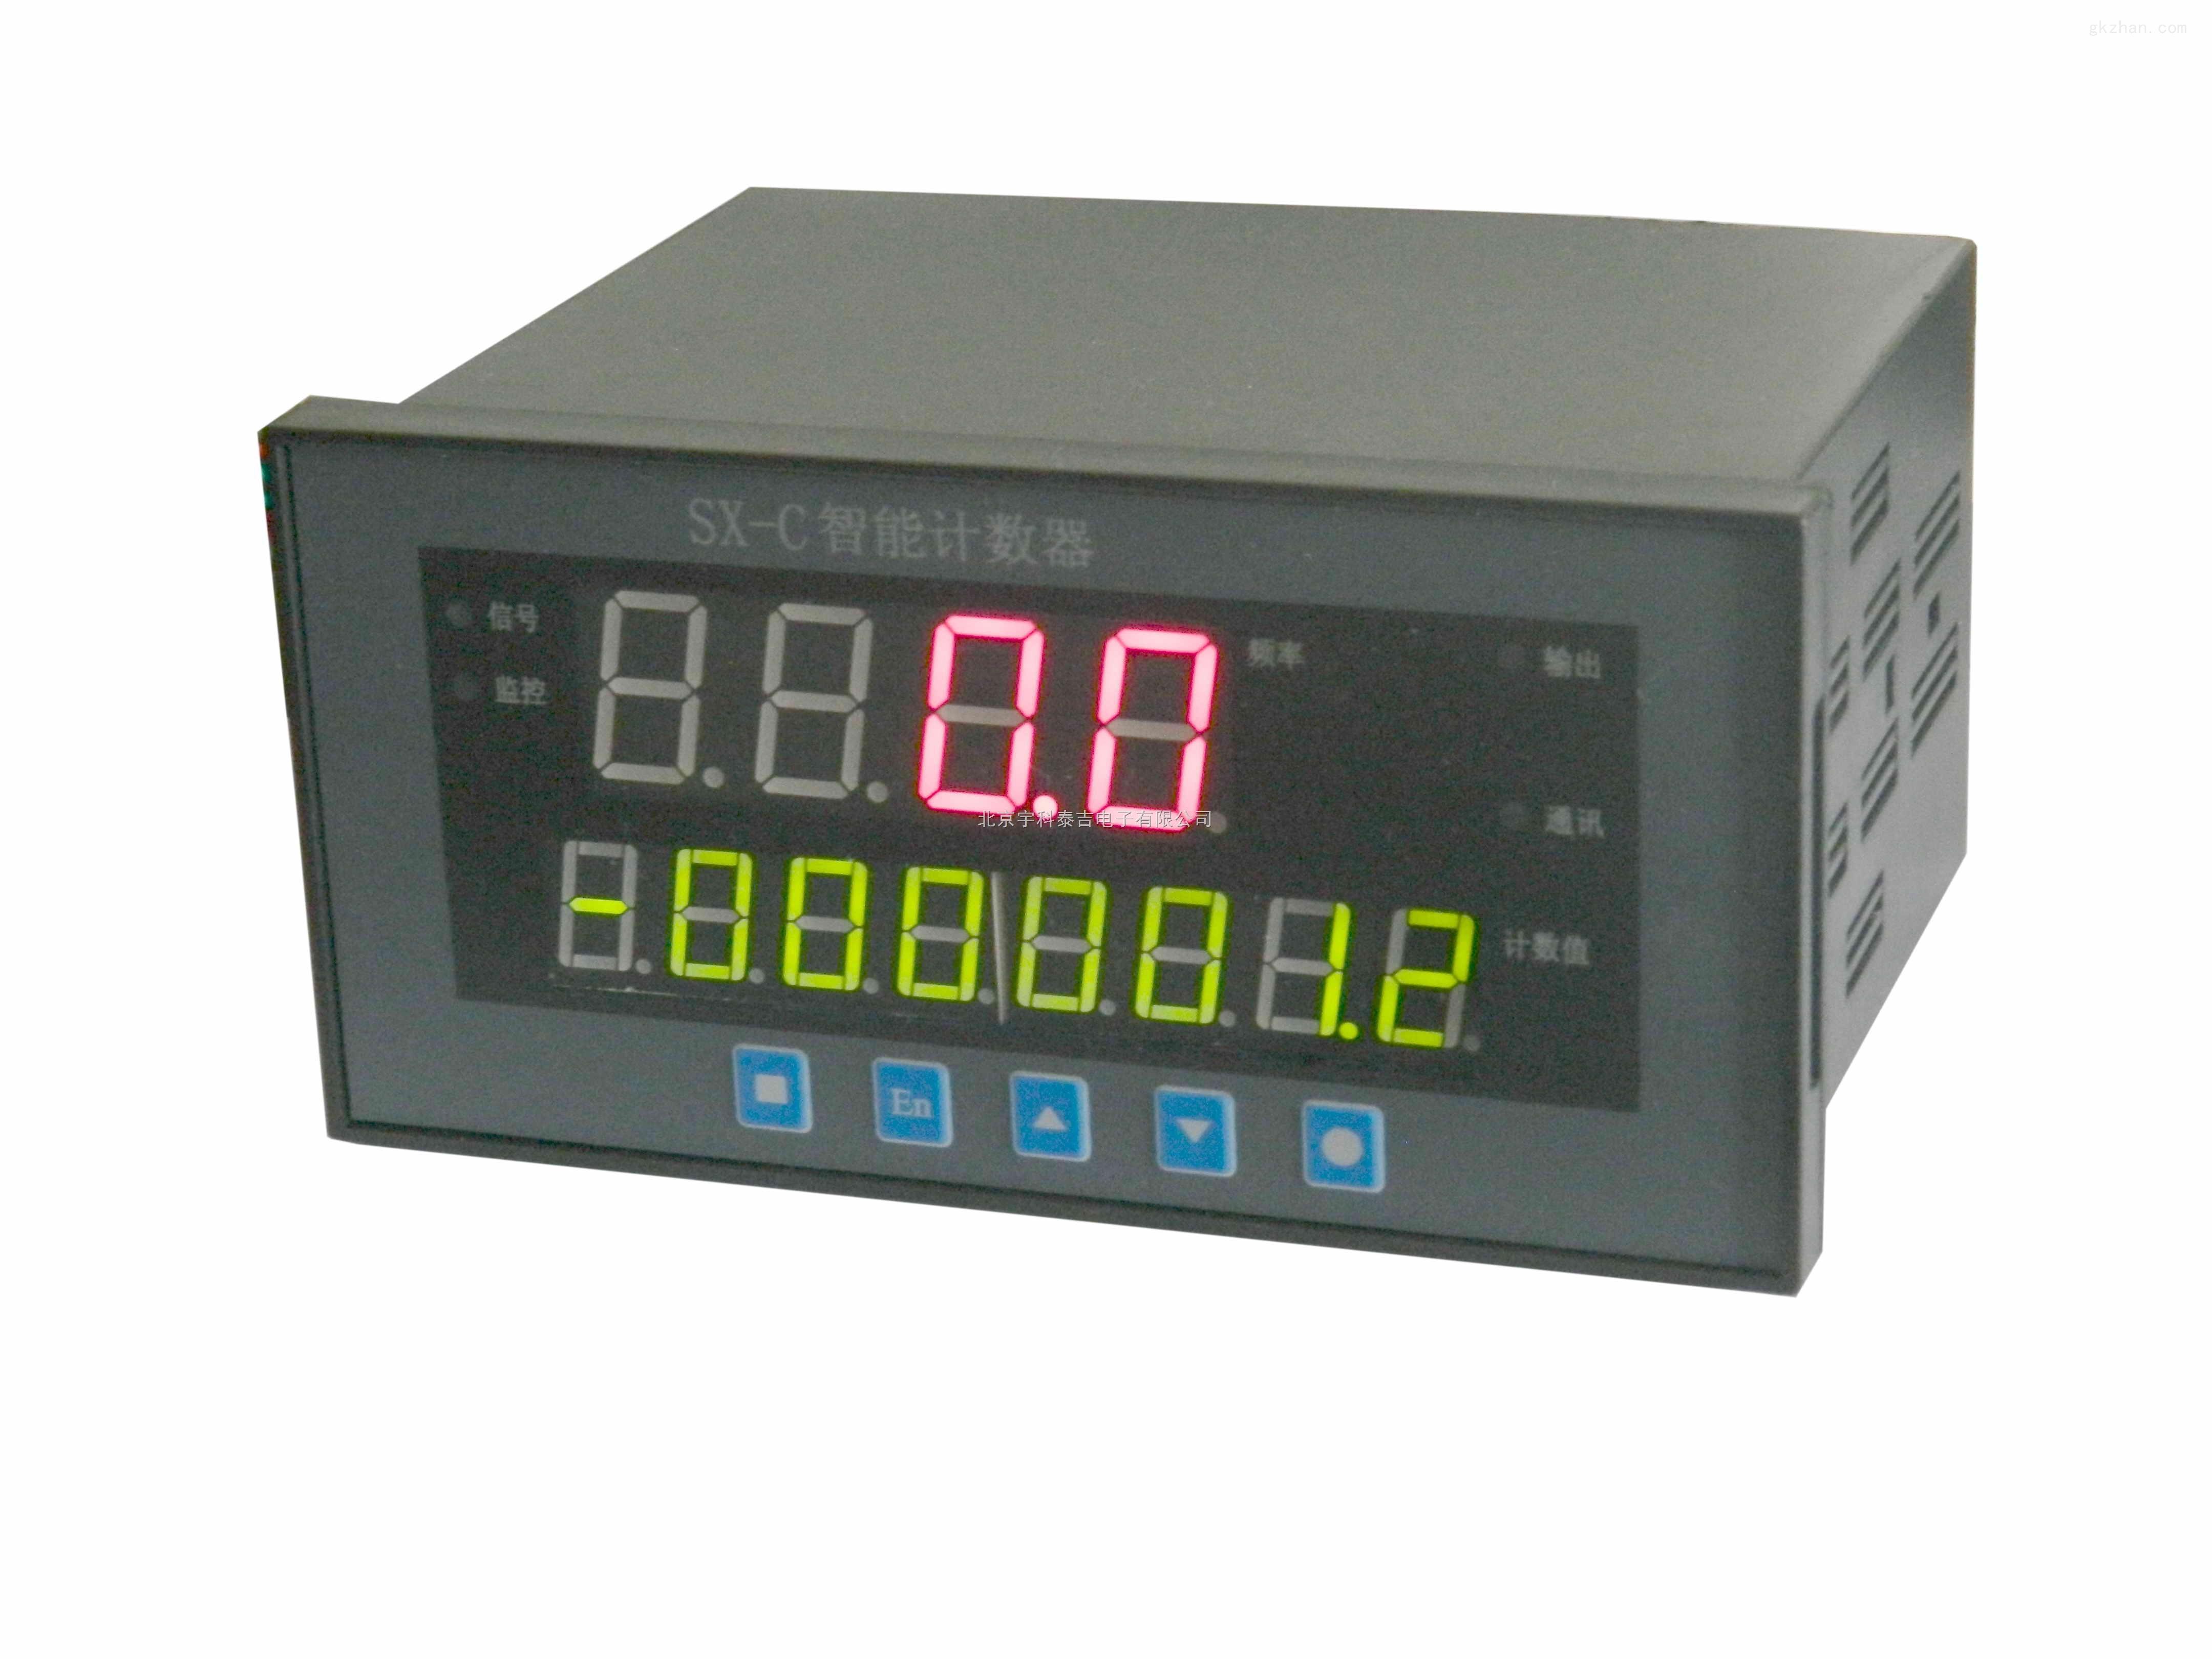 宇科泰吉YK-26SC-6-J2-S-M6智能数显计米器